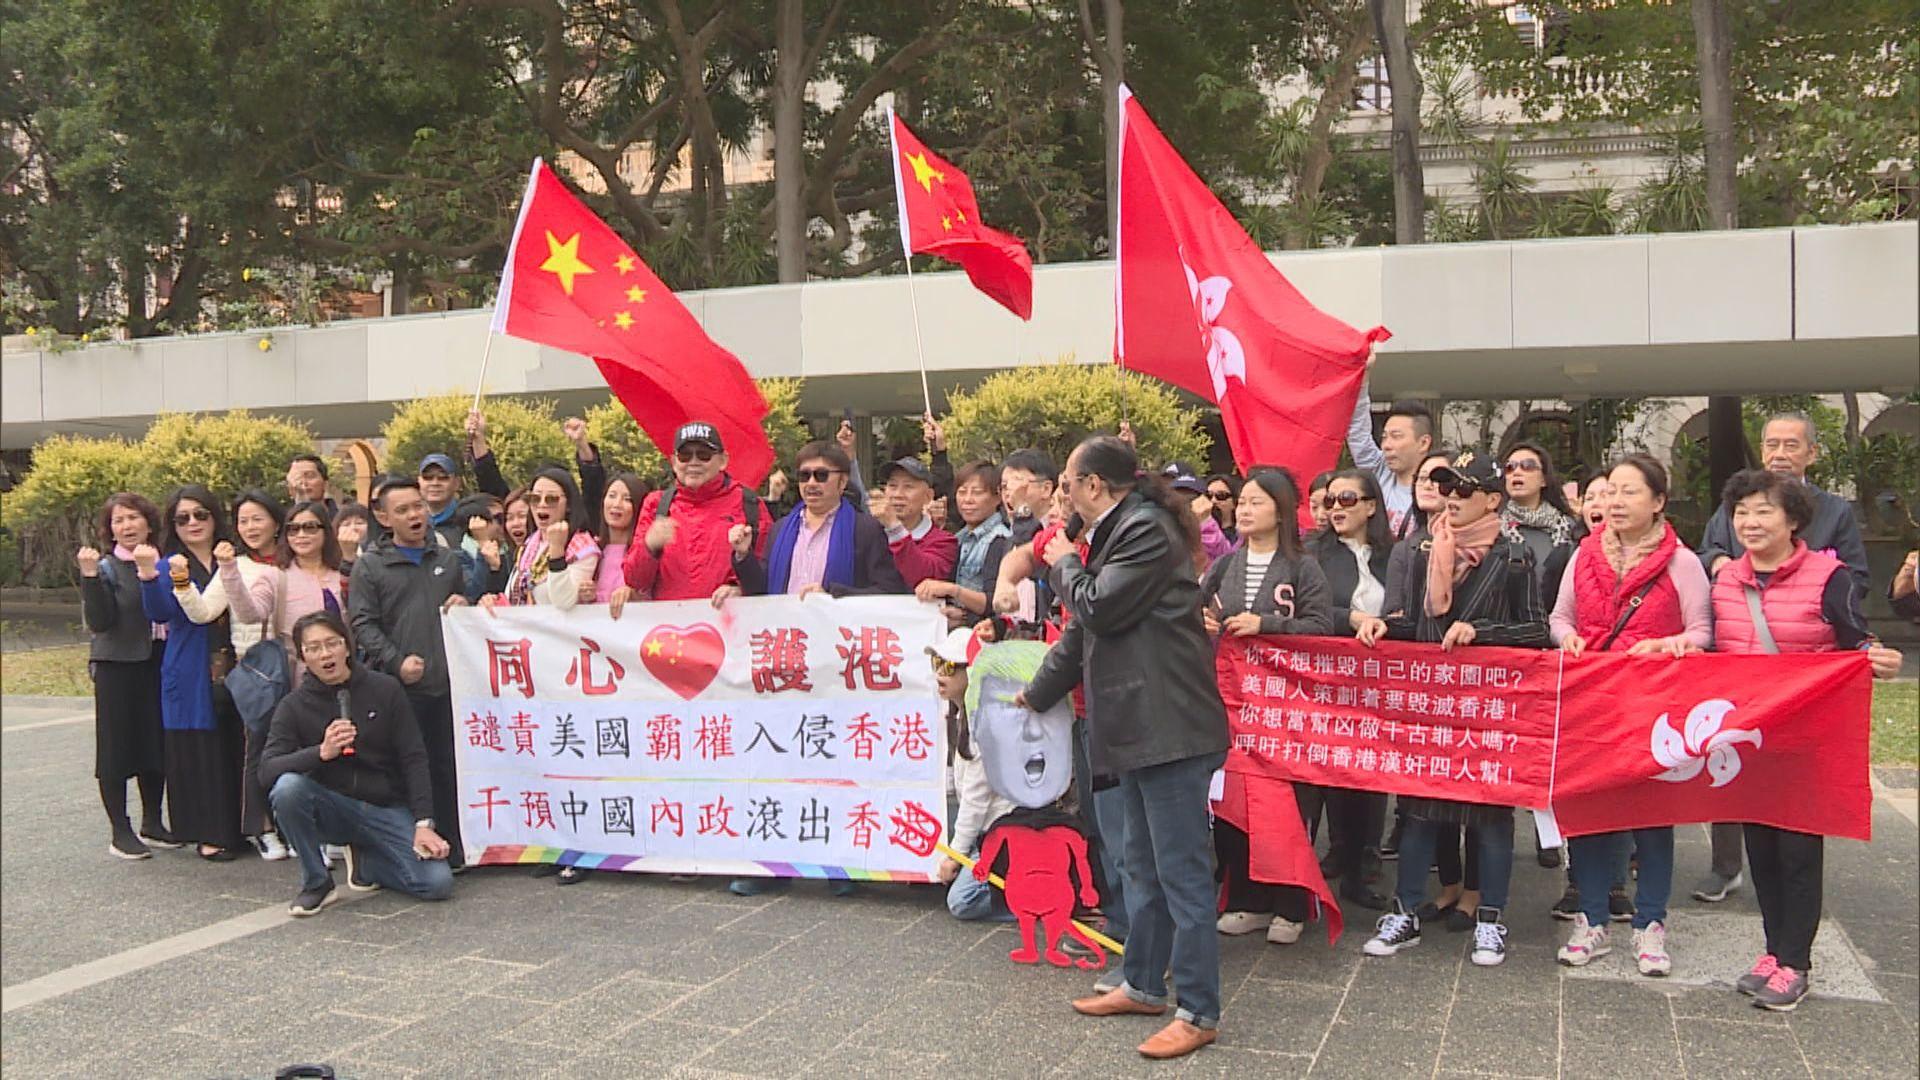 團體遊行至美領館抗議美方干預中國內政